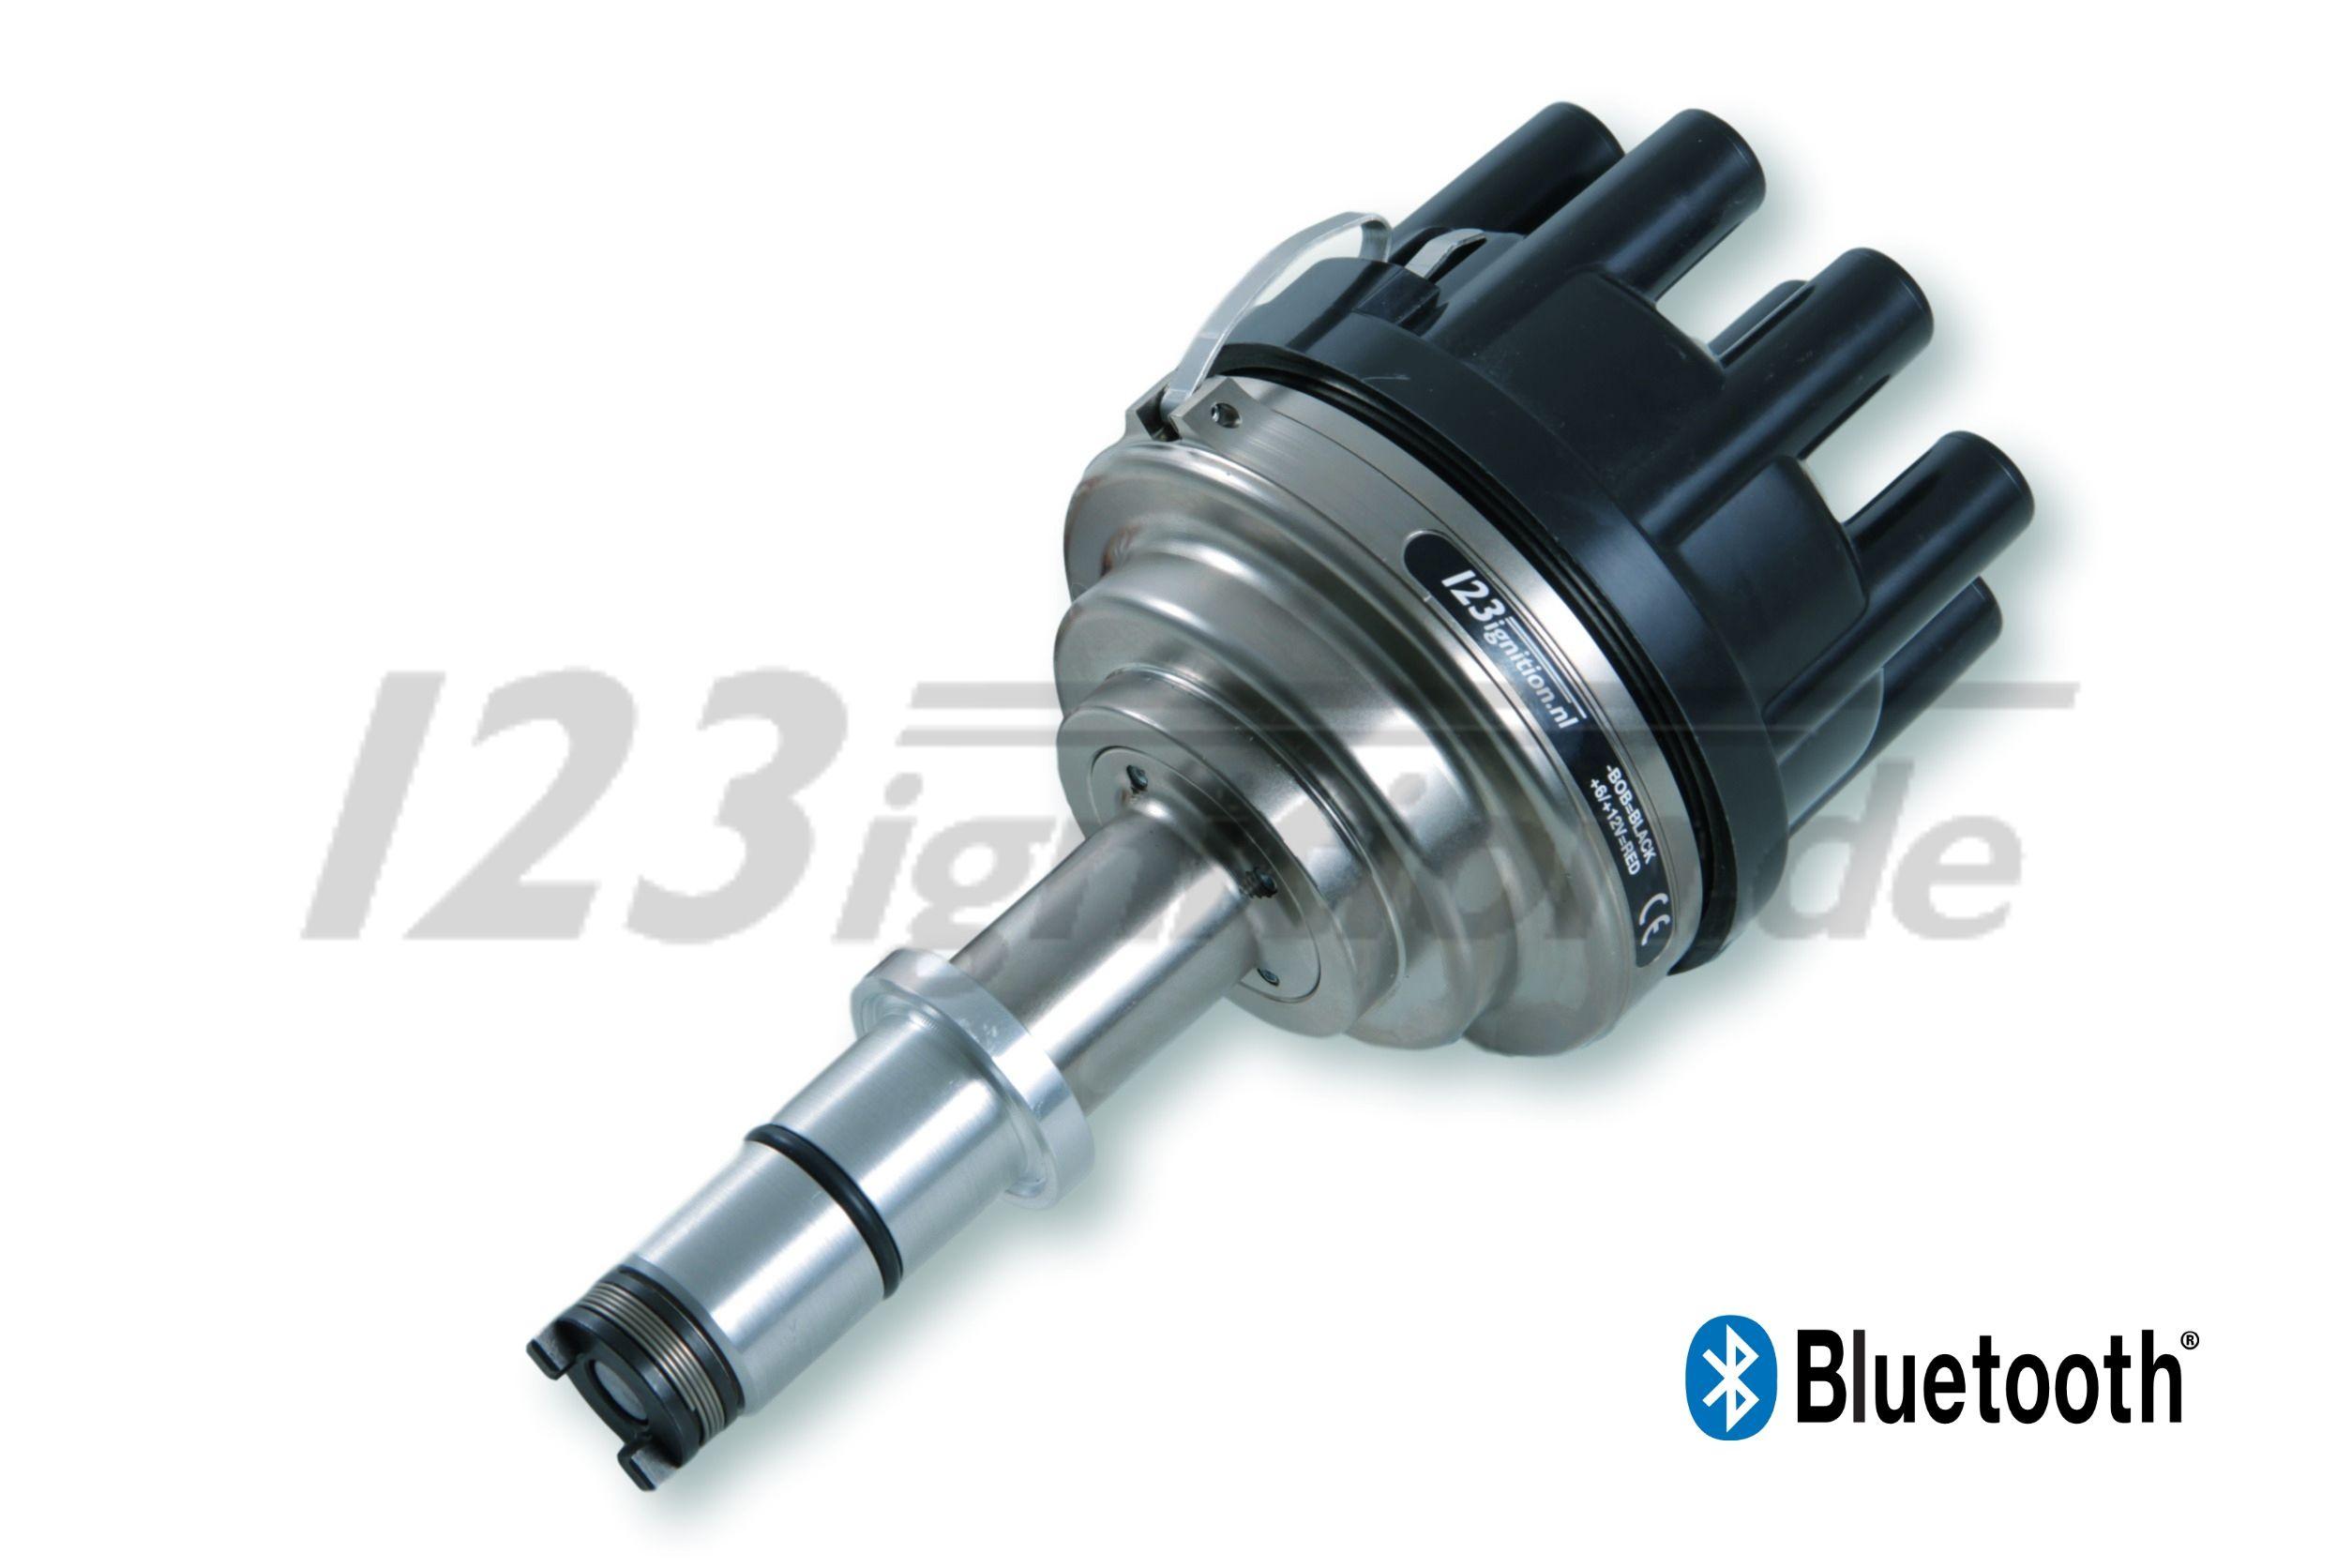 Rozdelovač zapalovanie 123\TUNE+ Bluetooth pre Mercedes 600 W100